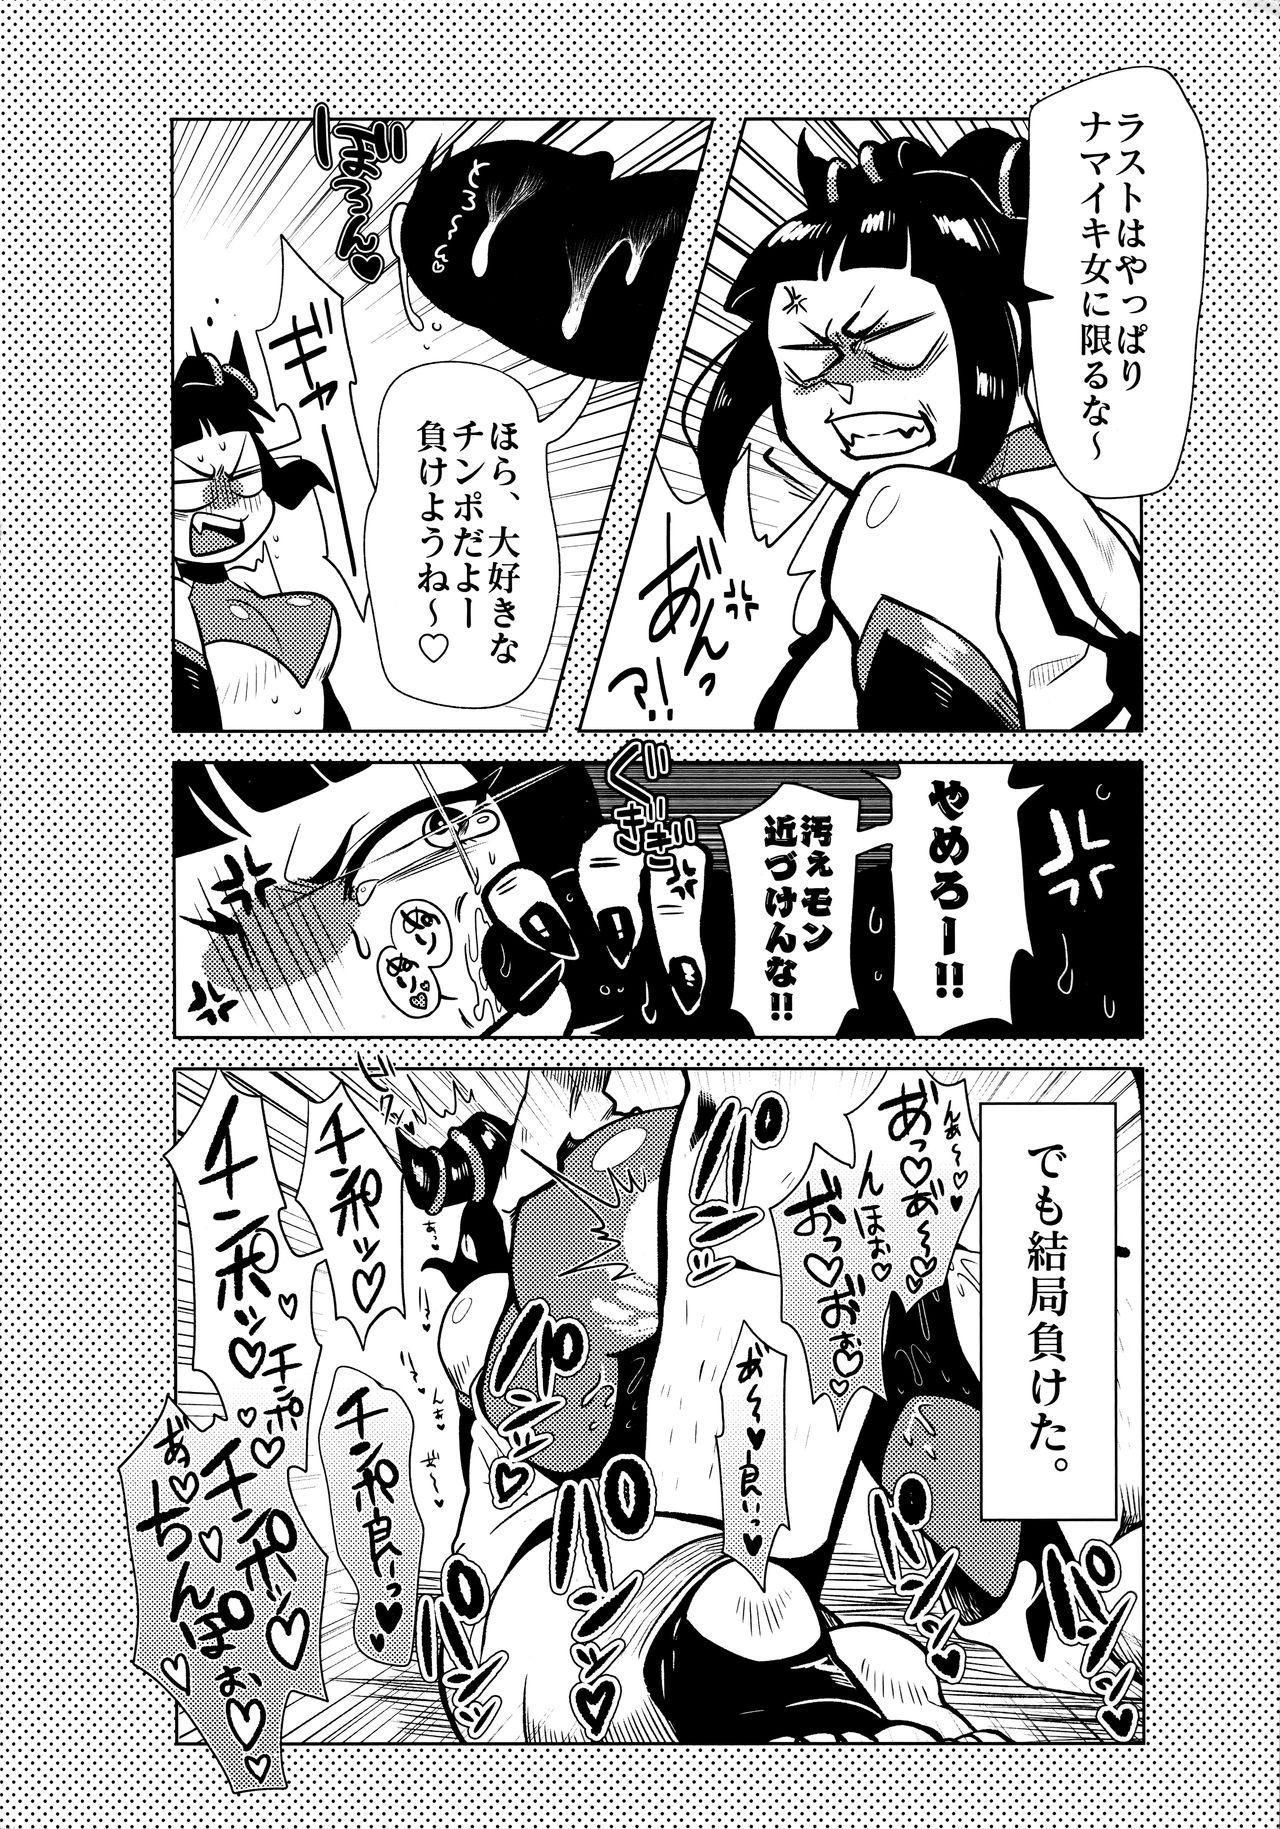 Kaku Geekyara Soku Ochi 2 Koma Hon 13